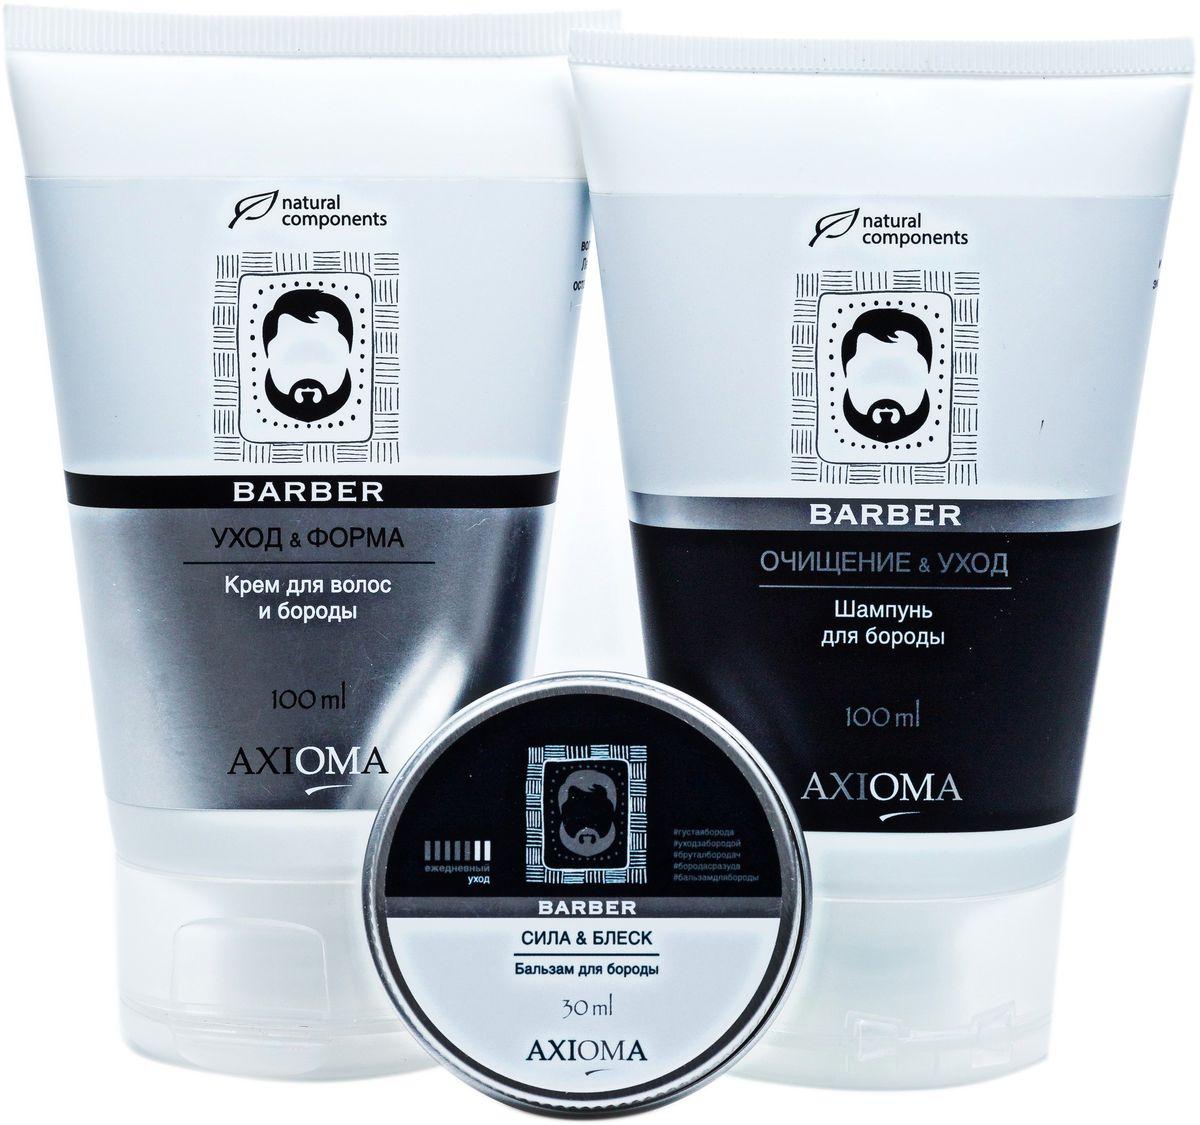 Axioma Набор для бороды и усов Усач-БородачRT10M3Необходимые средства для ежедневного ухода за растительностью на лице. Средства удобны и экономичны в использовании, обладают приятным ароматом.